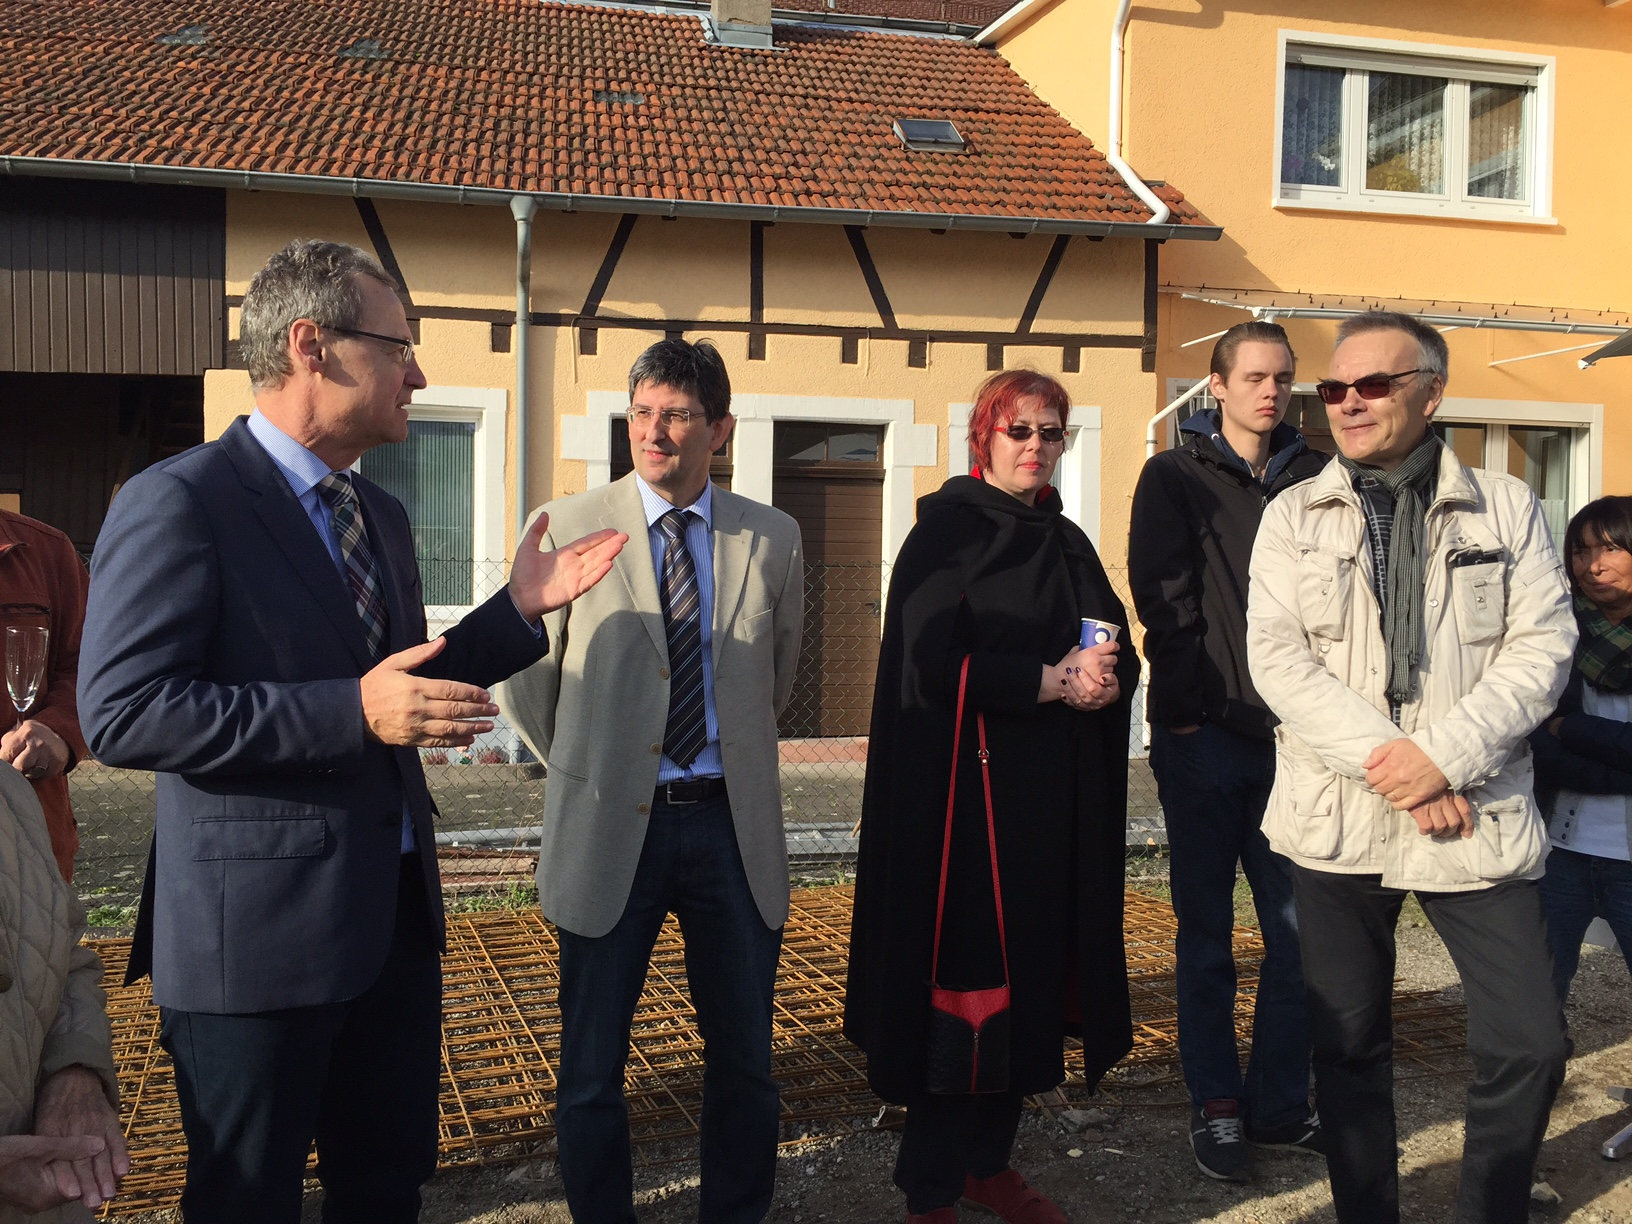 Lobt das Vorhaben: Bürgermeister Hansjörg Höfer bei seinem Grußwort